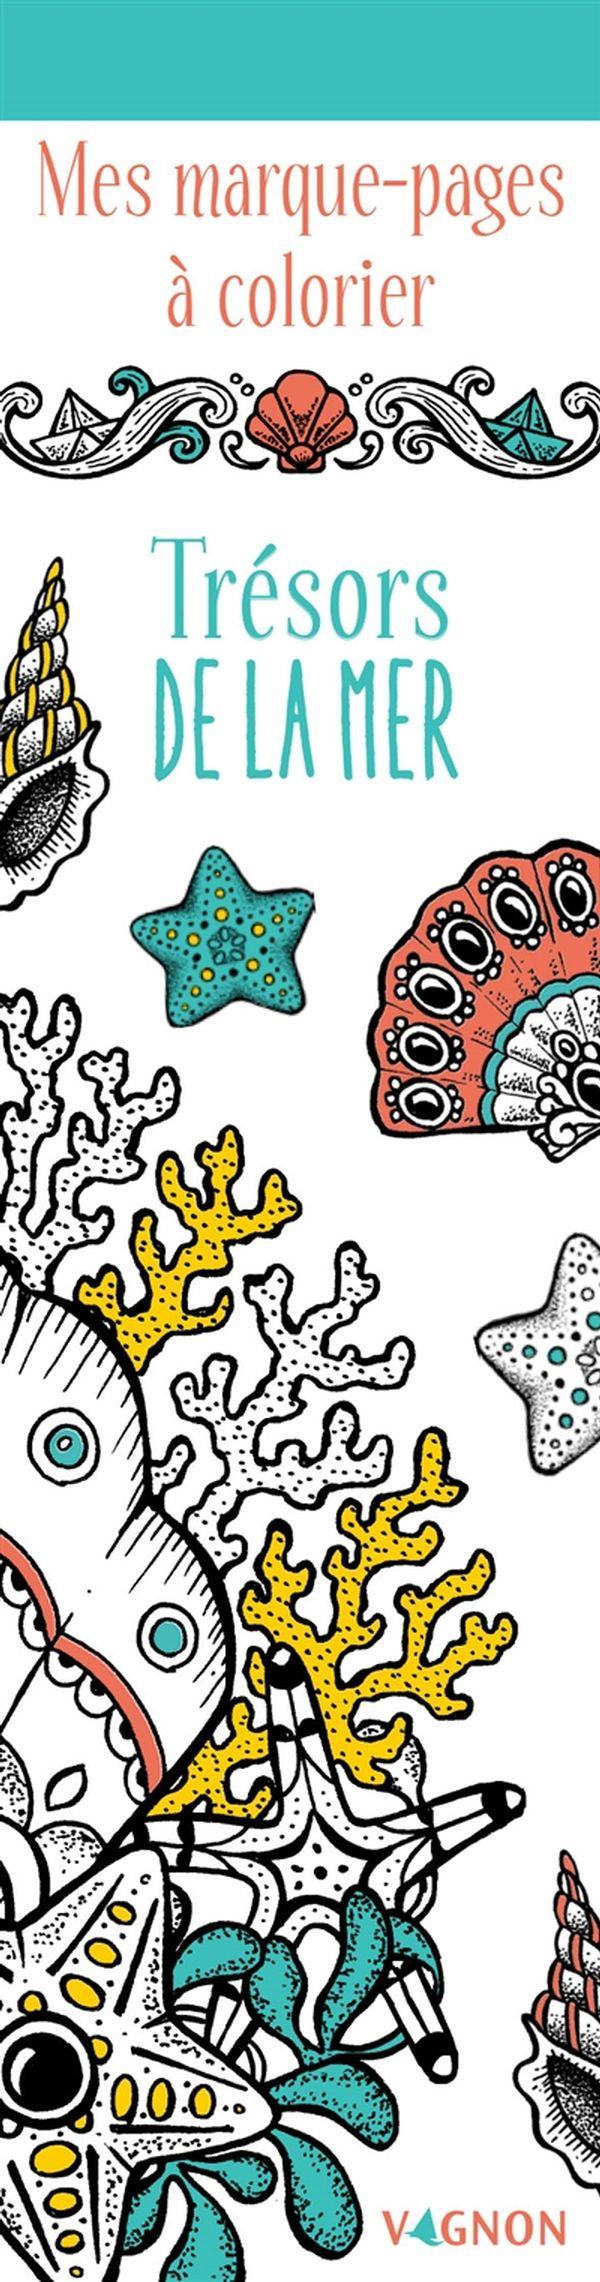 Trésors de la mer N.E. : Mes marque-pages à colorier